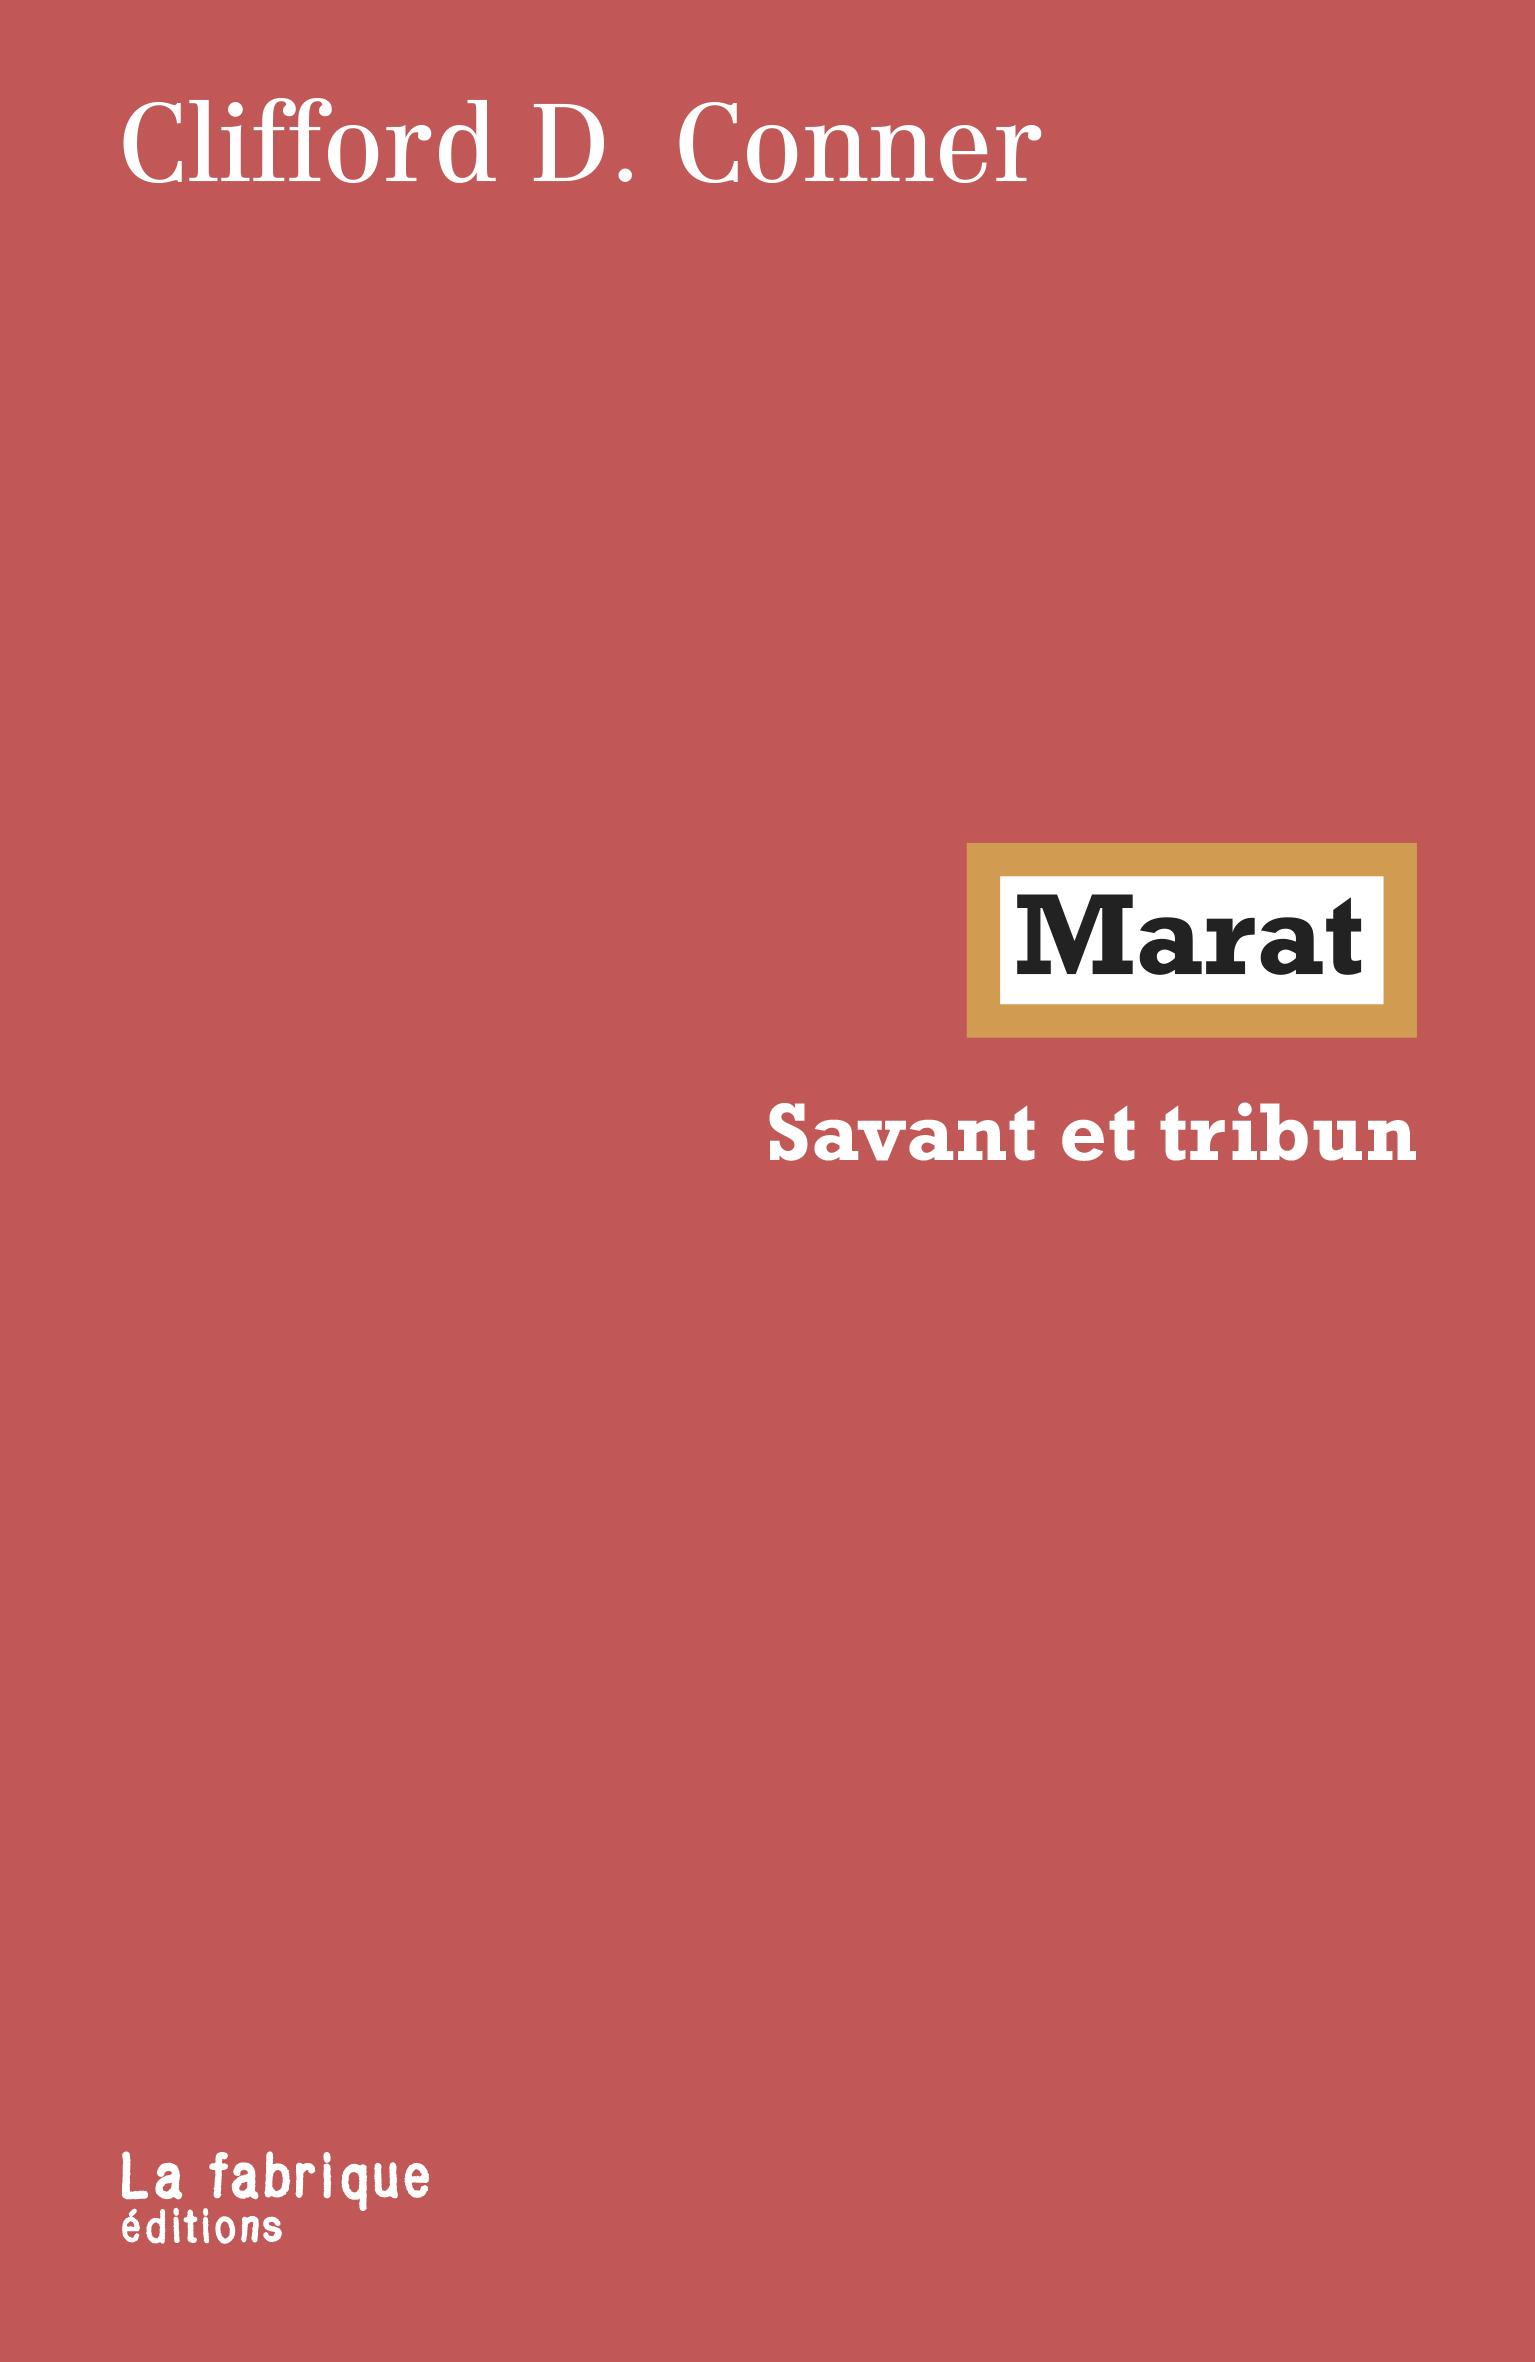 C. D. Conner, Marat. Savant et tribun